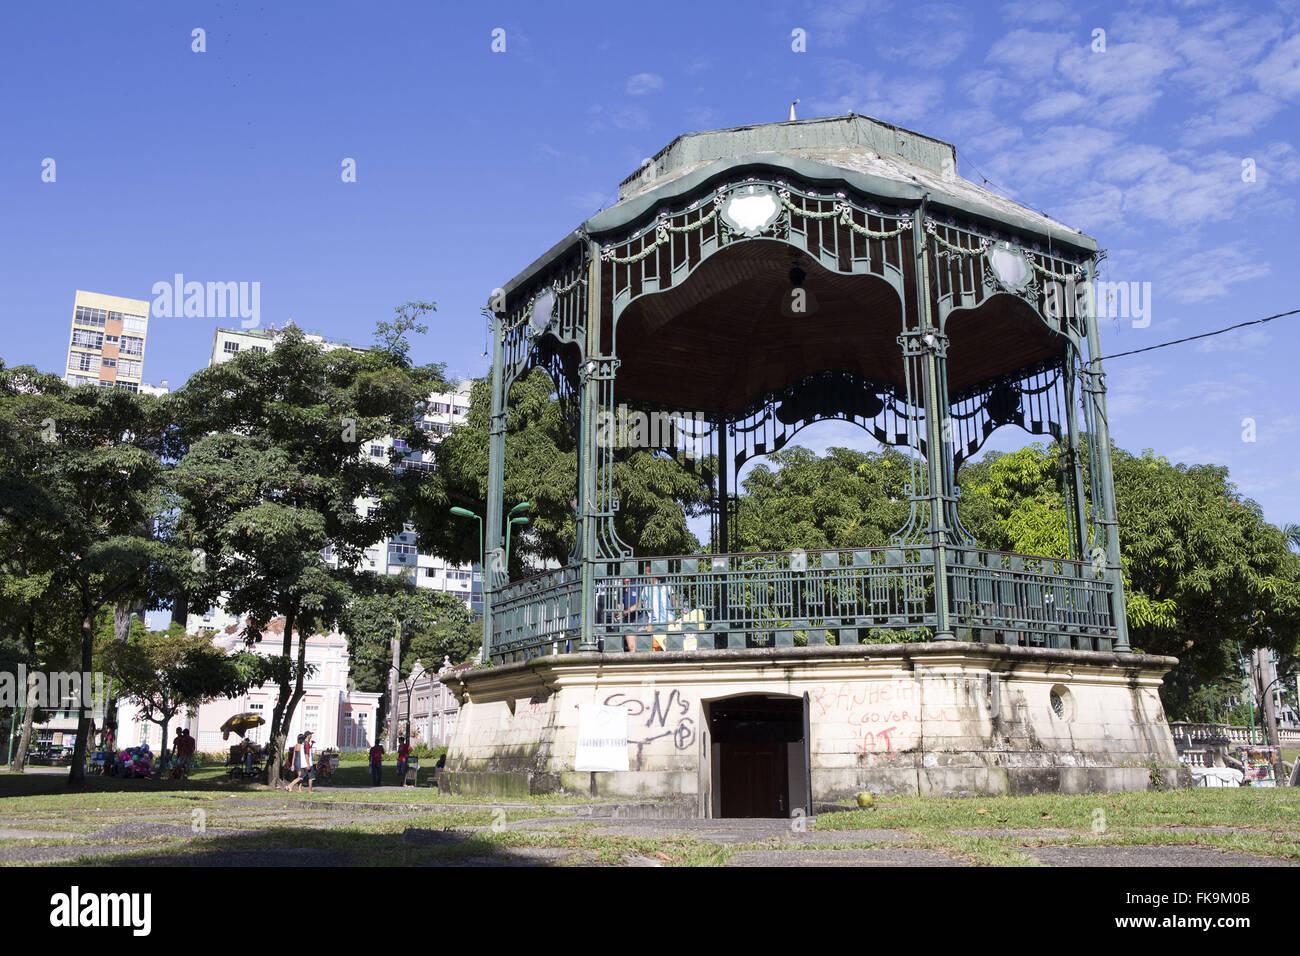 Bandstand Praca da Republica - city center - Stock Image